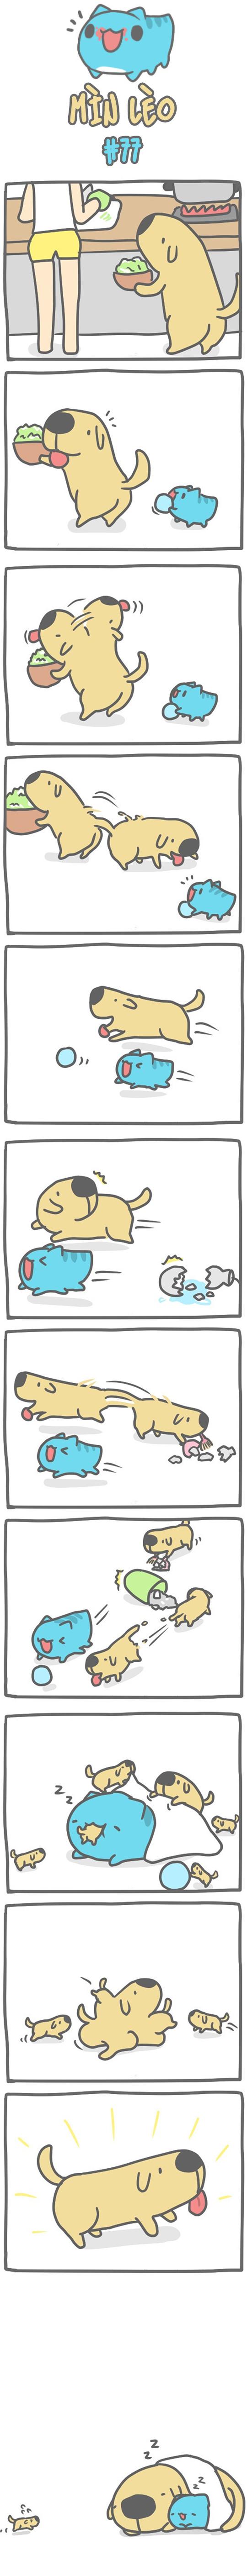 Truyện Mìn Lèo #77: Chái Dò phân thân